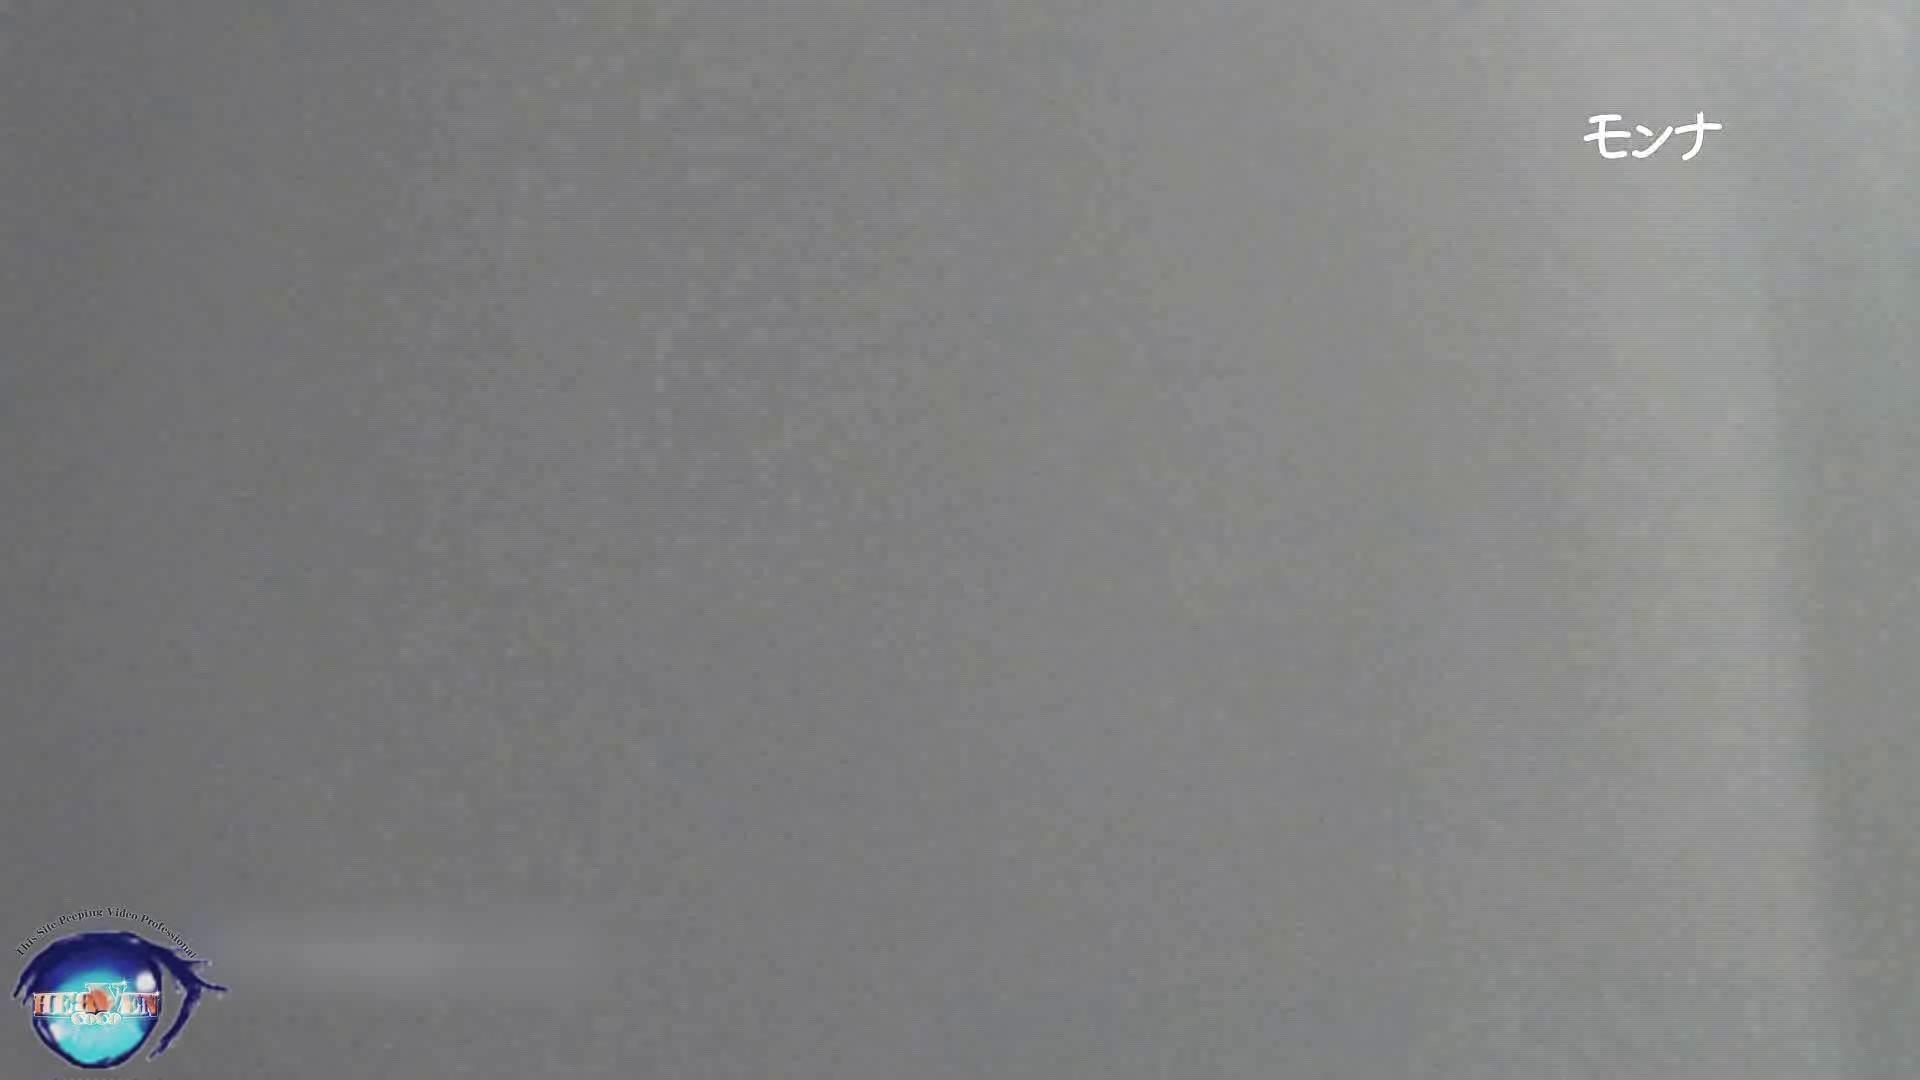 【美しい日本の未来】美しい日本の未来 No.108 前編 おまんこ見放題  109PIX 48